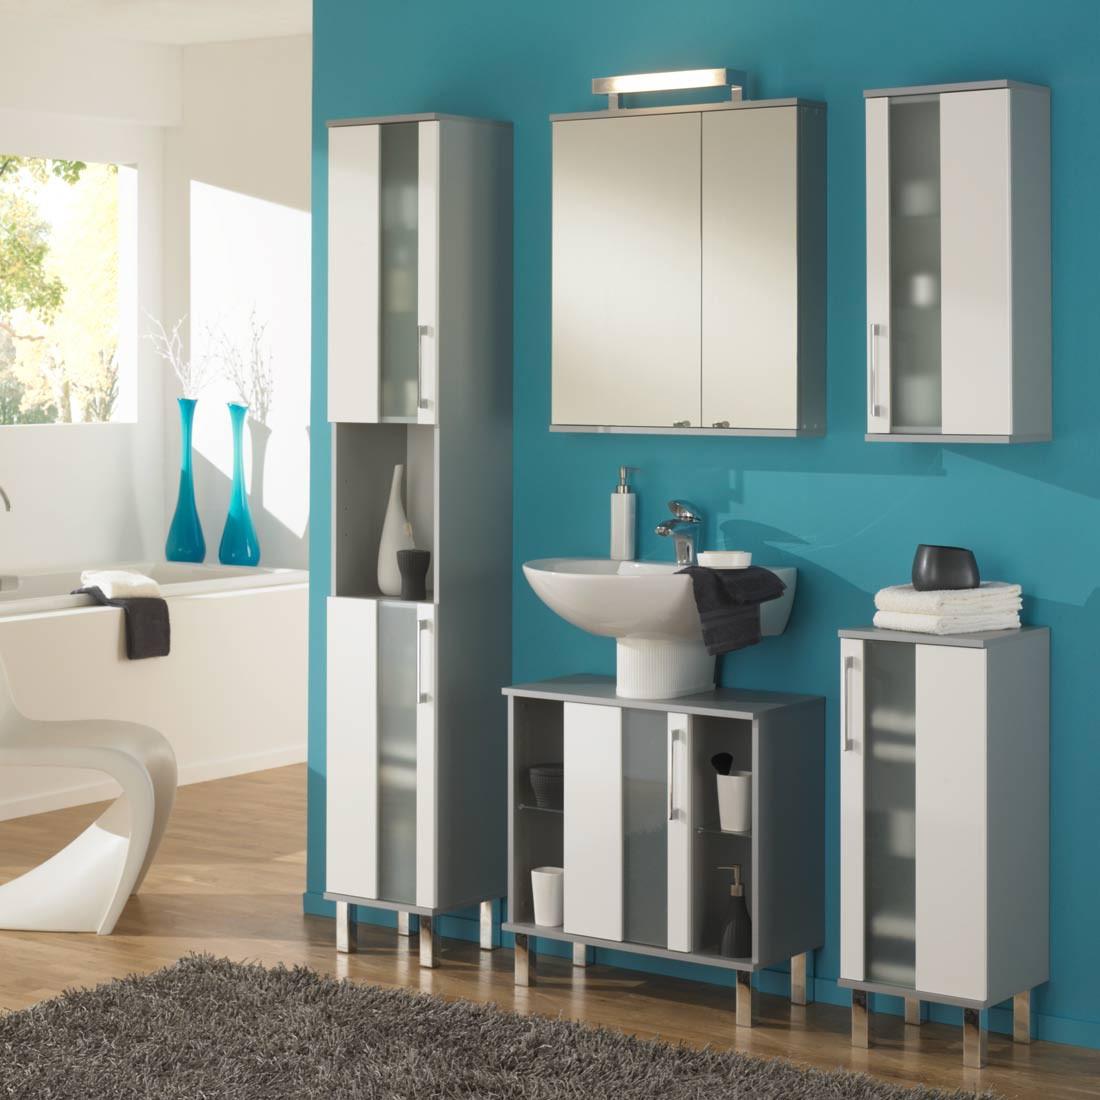 57 sparen waschbeckenunterschrank treviso nur 79 99 cherry m bel home24. Black Bedroom Furniture Sets. Home Design Ideas